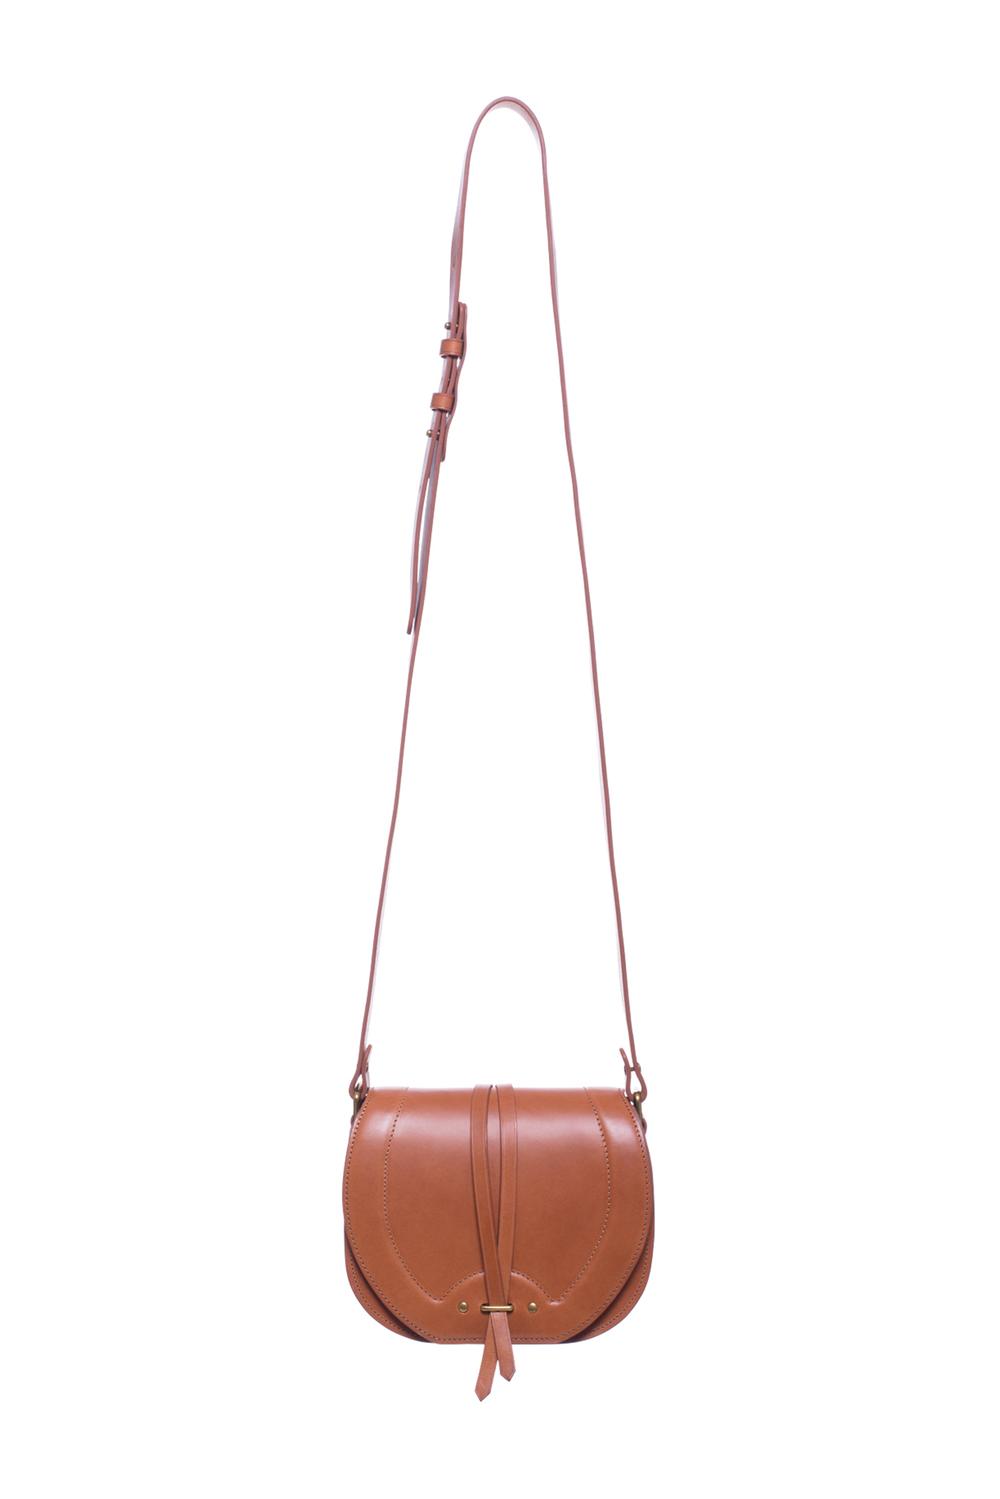 04-10-bags.jpg